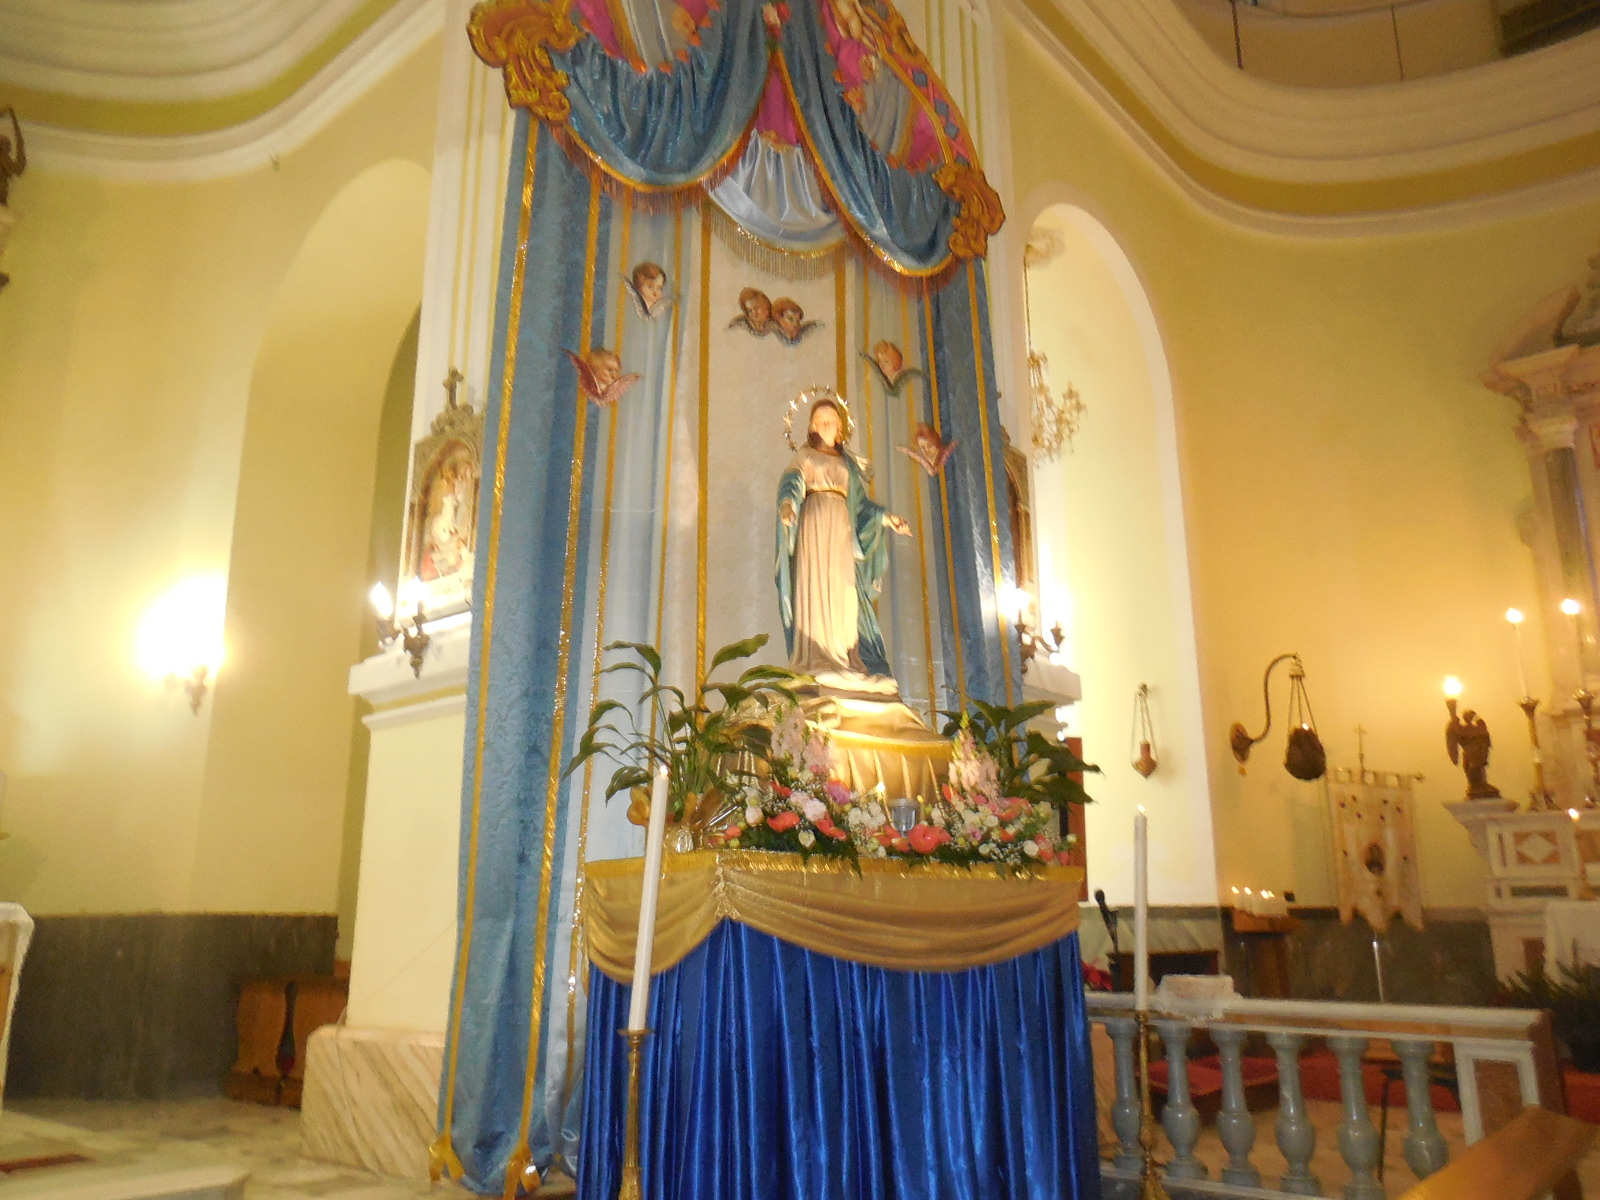 Album 19/1/2018 Terzo giorno del triduo della Madonna del Miracolo